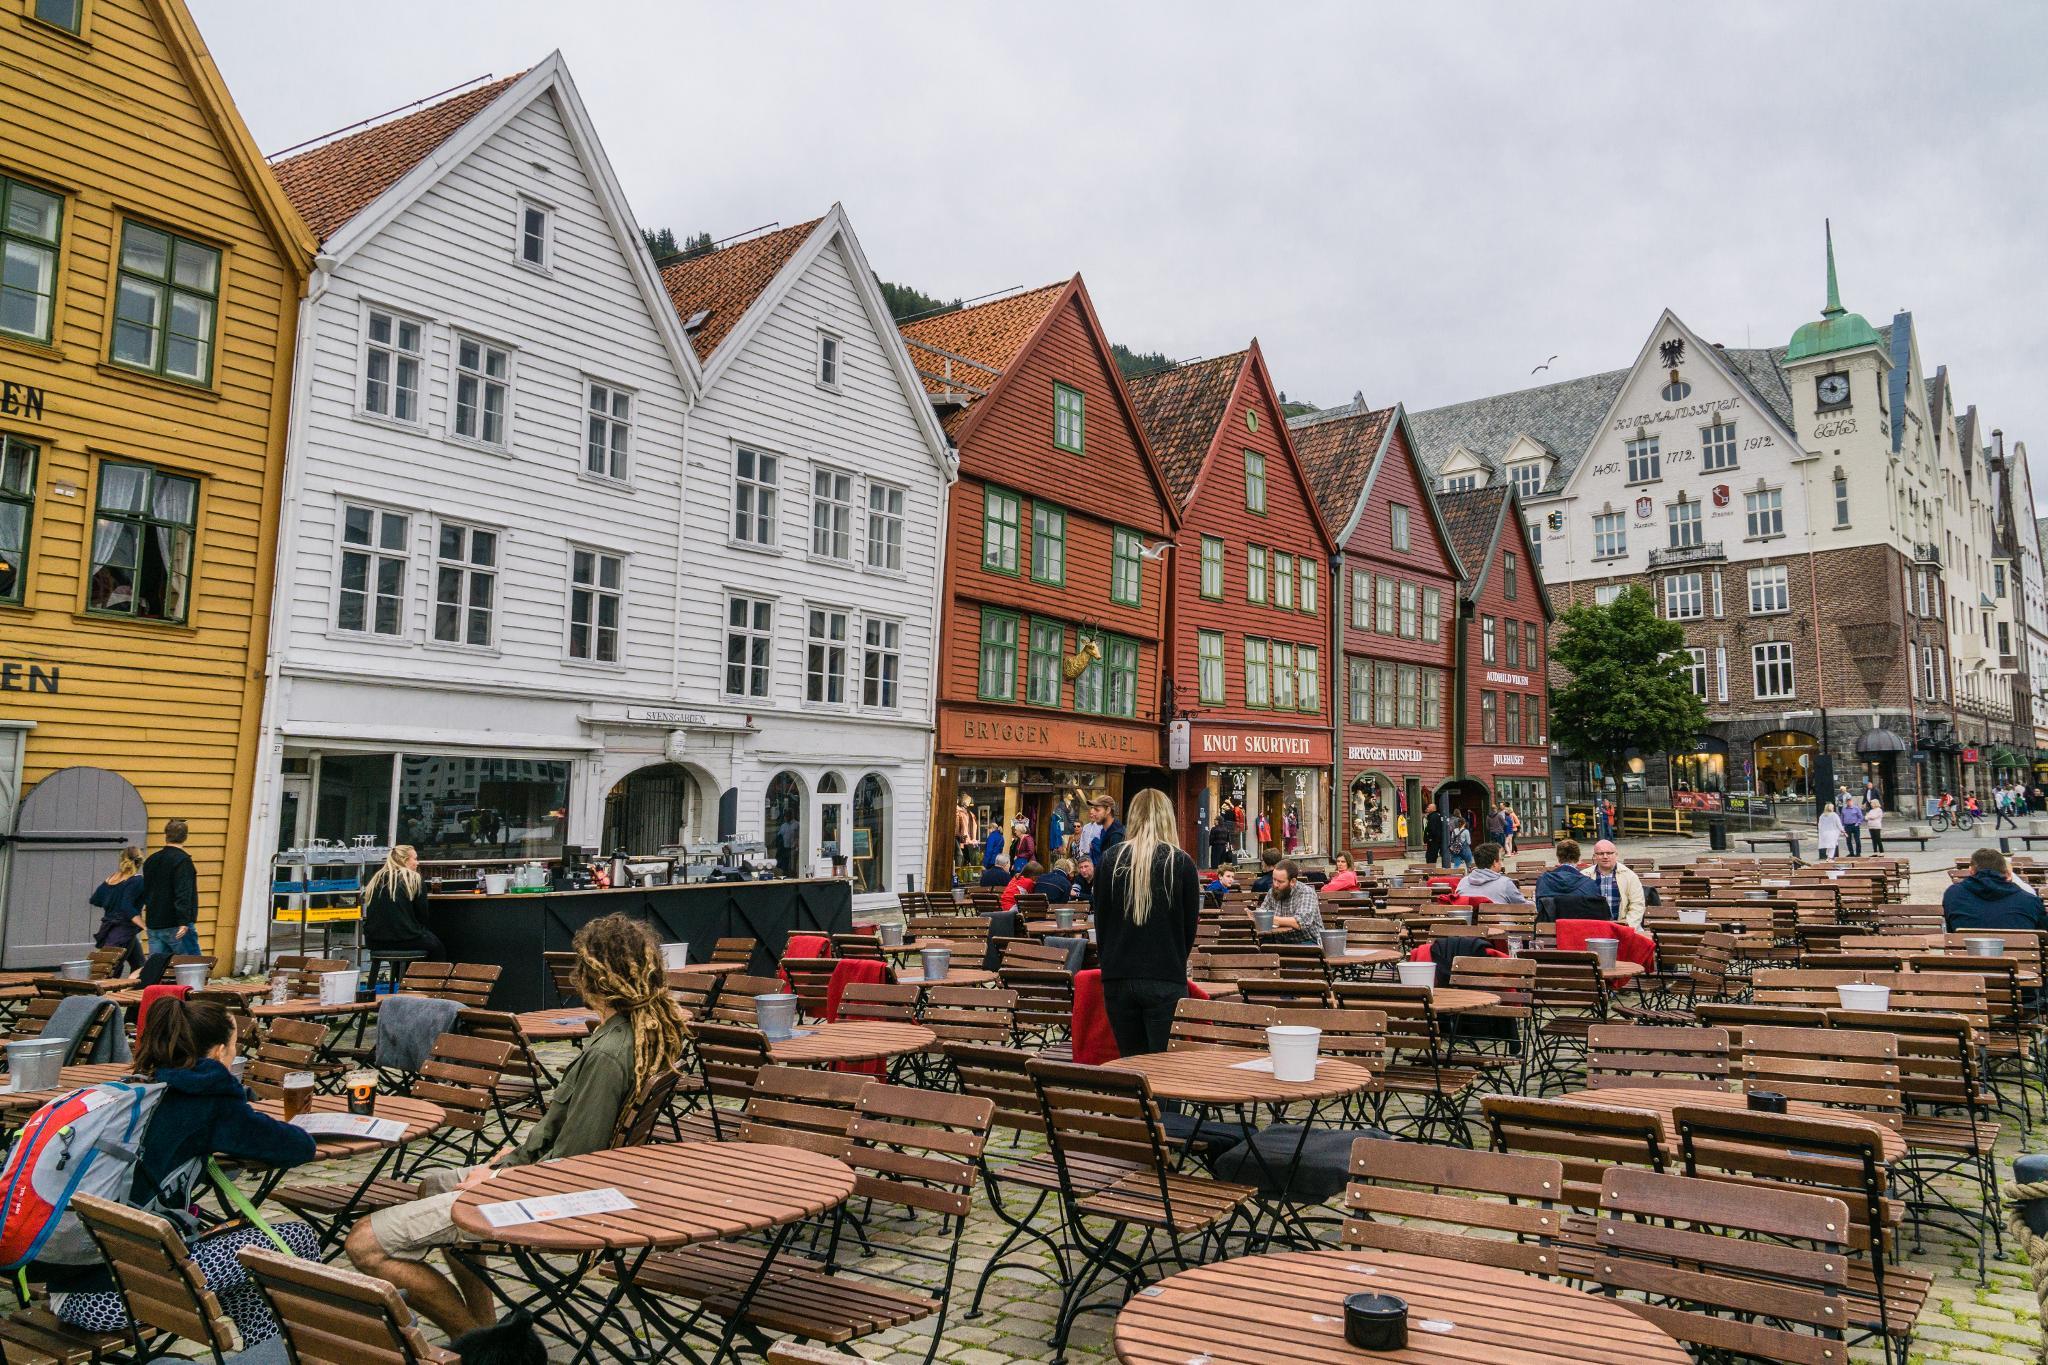 【卑爾根】童話北歐!卑爾根自由行景點全攻略 125